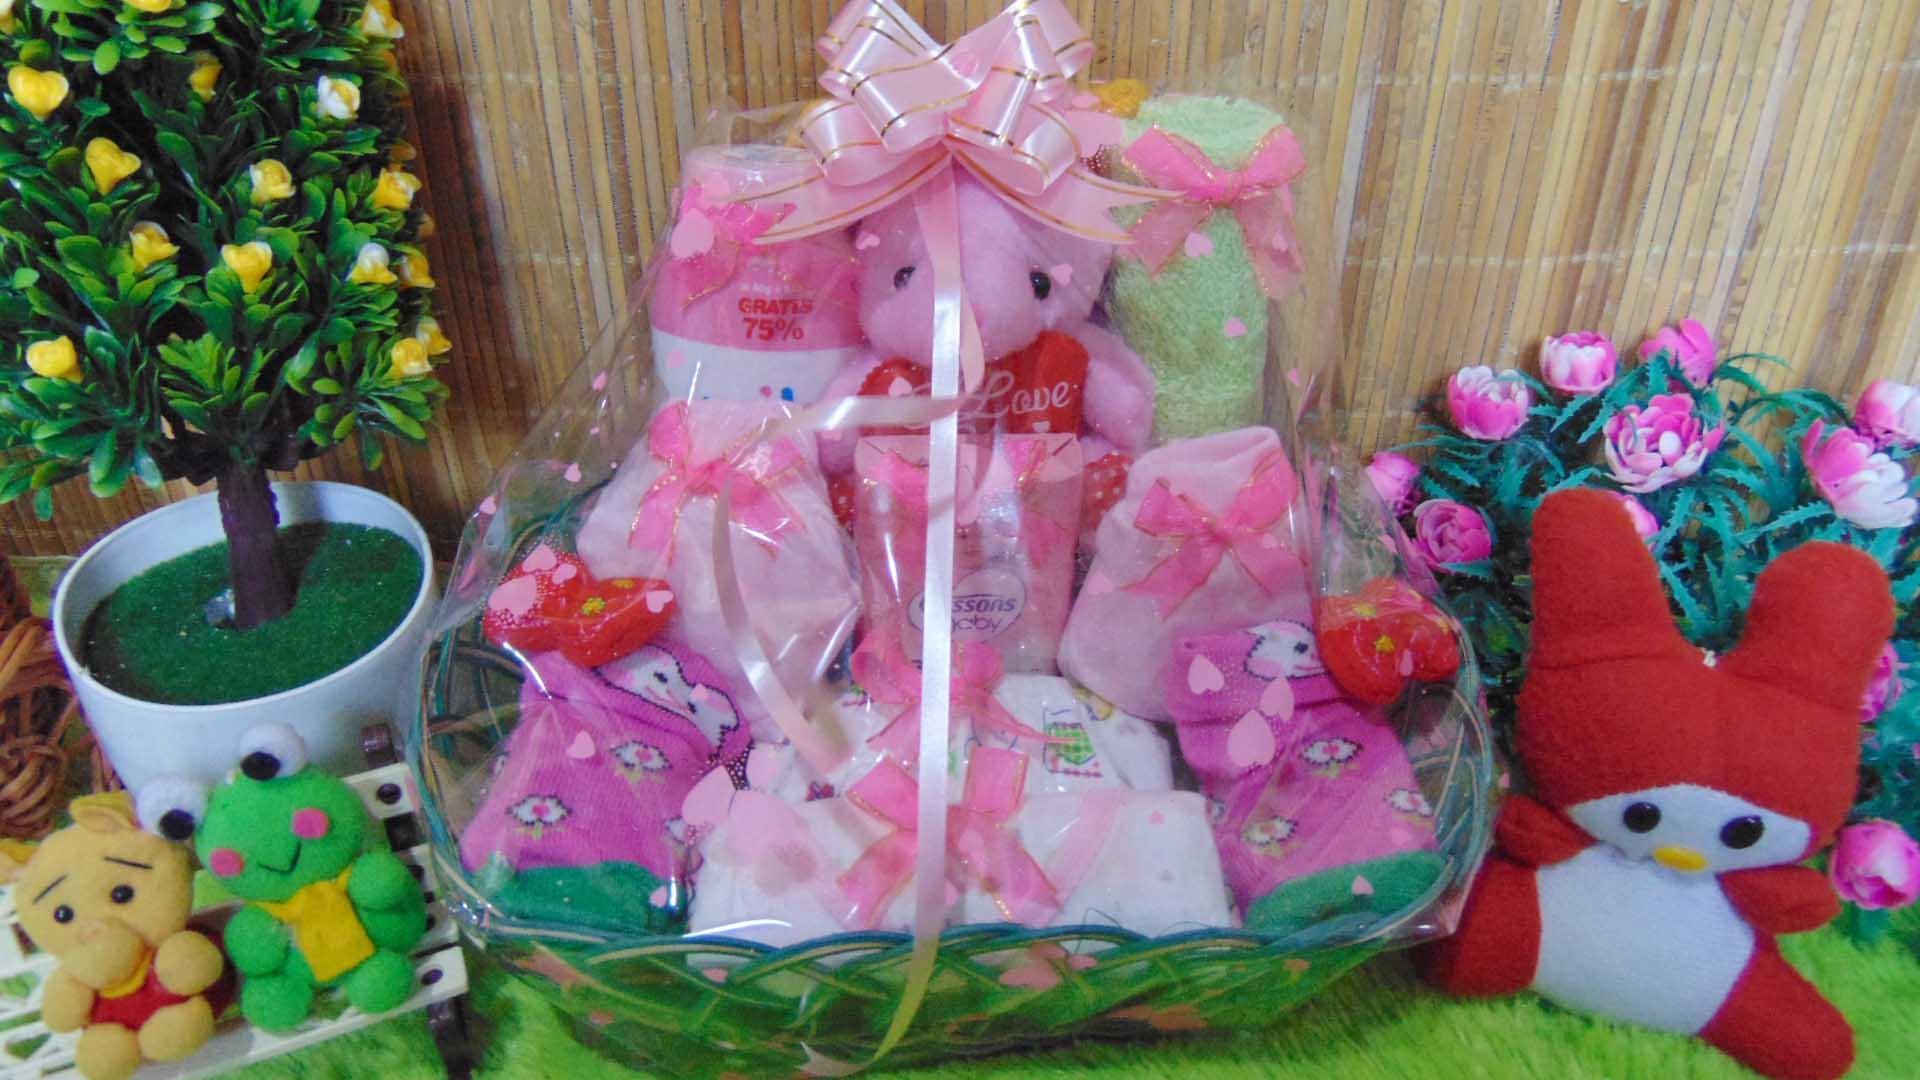 kembarshop - TERLARIS paket kado bayi baby gift – parcel bayi – parcel kado bayi perempuan – kado lahiran-keranjang oval medium GIRL pink